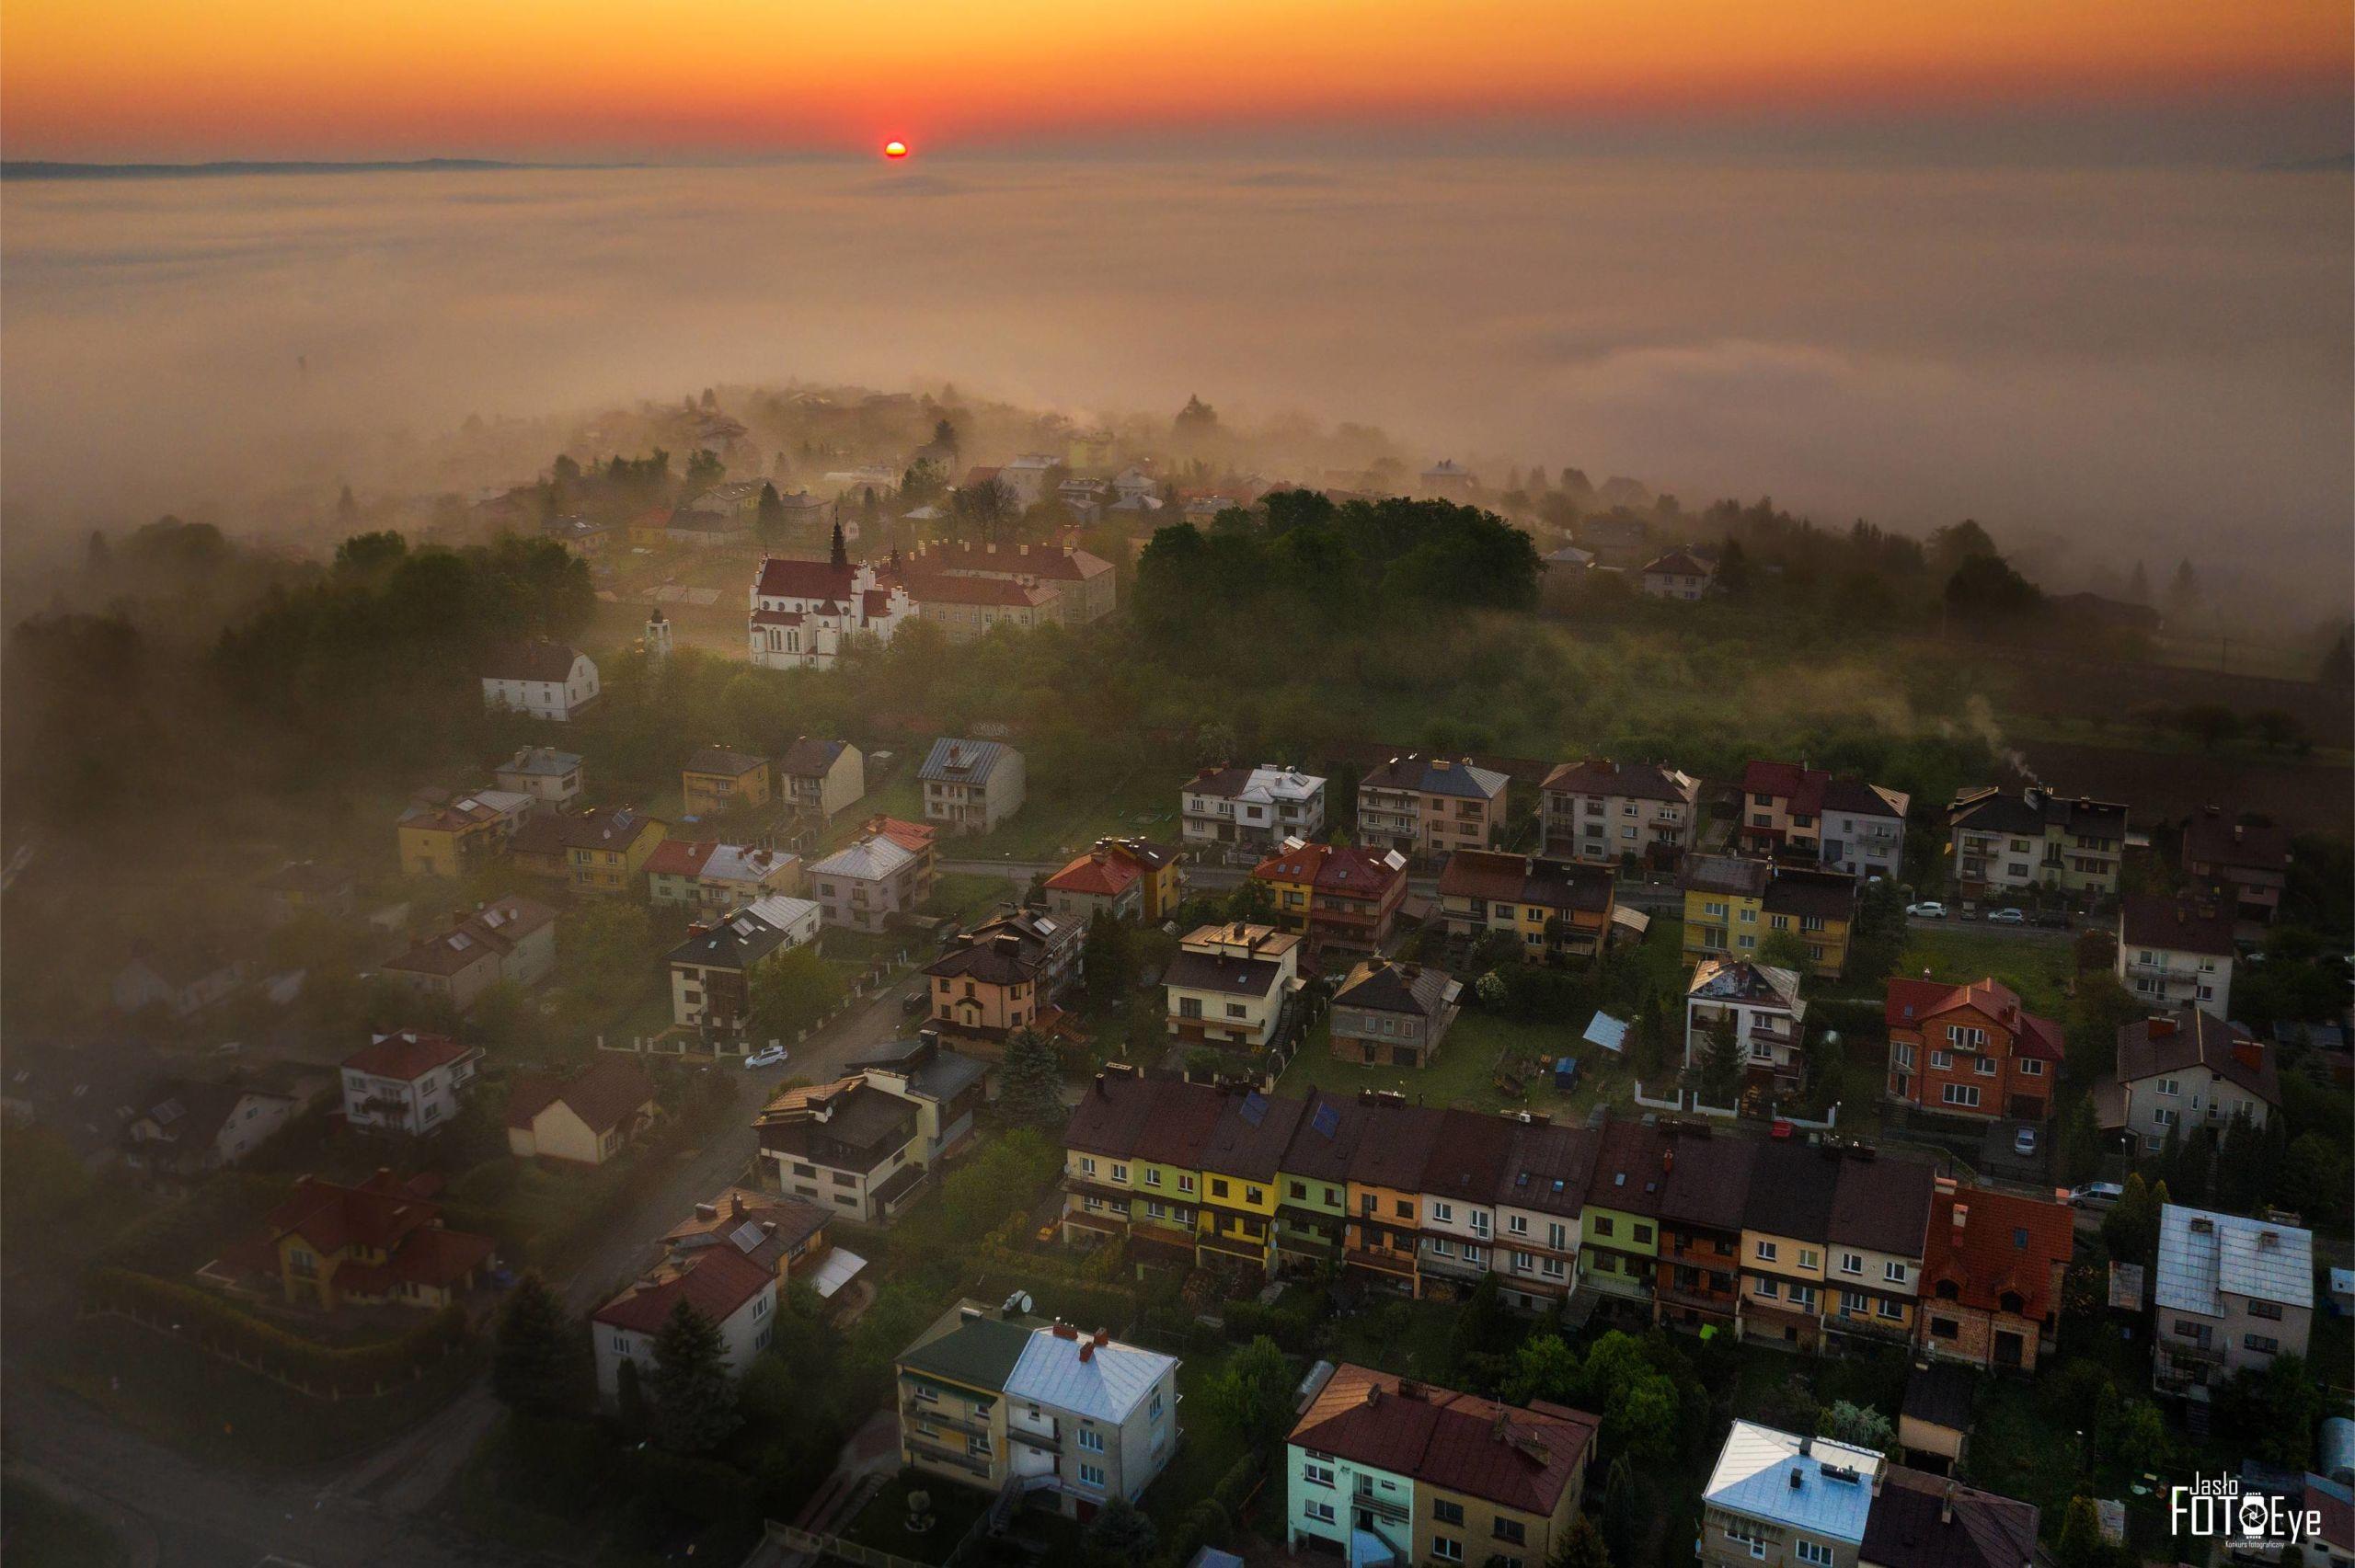 Zdjęcie przedstawiające jedno z jasielskich osiedli otulone mgłą, autorstwa Jana Kowalskiego.